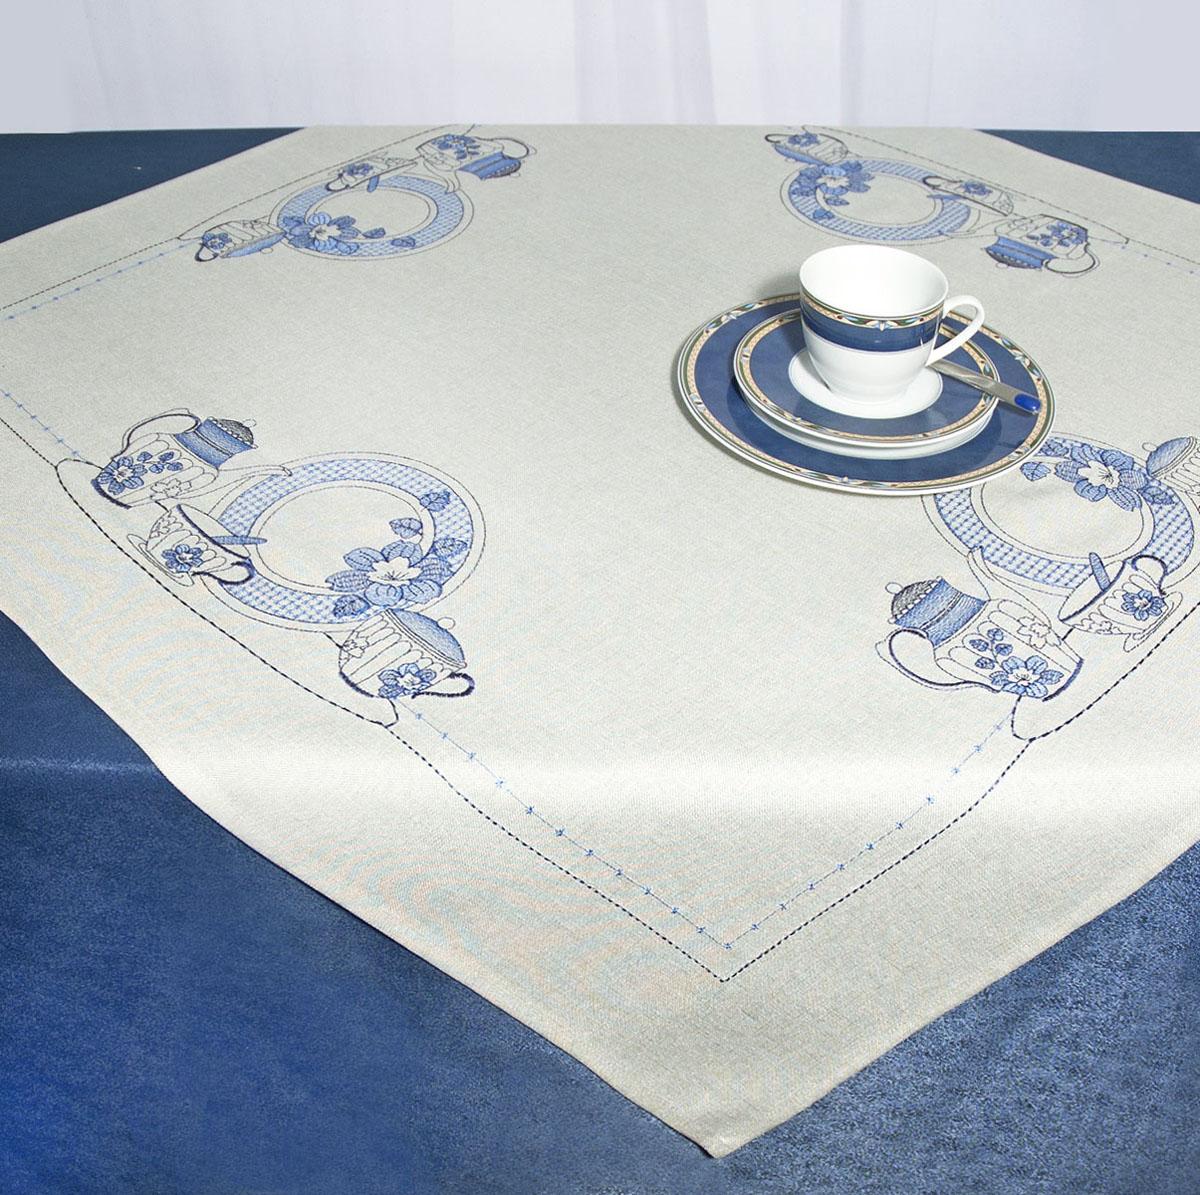 Скатерть Schaefer, квадратная, цвет: серый, 85x 85 см. 07480-10007480-100Скатерть Schaefer изготовлена из полиэстера и украшена вышивкой в виде чайников, тарелок и др.Изделия из полиэстера легко стирать: они не мнутся, не садятся и быстро сохнут, они более долговечны, чем изделия из натуральных волокон. Кроме того, ткань обладает водоотталкивающими свойствами. Такая скатерть будет просто не заменима на кухне, а особенно на вашем обеденном столе на даче под открытым небом. Скатерть Schaefer не останется без внимания ваших гостей, а вас будет ежедневно радовать ярким дизайном и несравненным качеством.Немецкая компания Schaefer создана в 1921 году. На протяжении всего времени существования она создает уникальные коллекции домашнего текстиля для гостиных, спален, кухонь и ванных комнат. Дизайнерские идеи немецких художников компании Schaefer воплощаются в текстильных изделиях, которые сделают ваш дом красивее и уютнее и не останутся незамеченными вашими гостями. Дарите себе и близким красоту каждый день! Изысканный текстиль от немецкой компании Schaefer - это красота, стиль и уют в вашем доме.